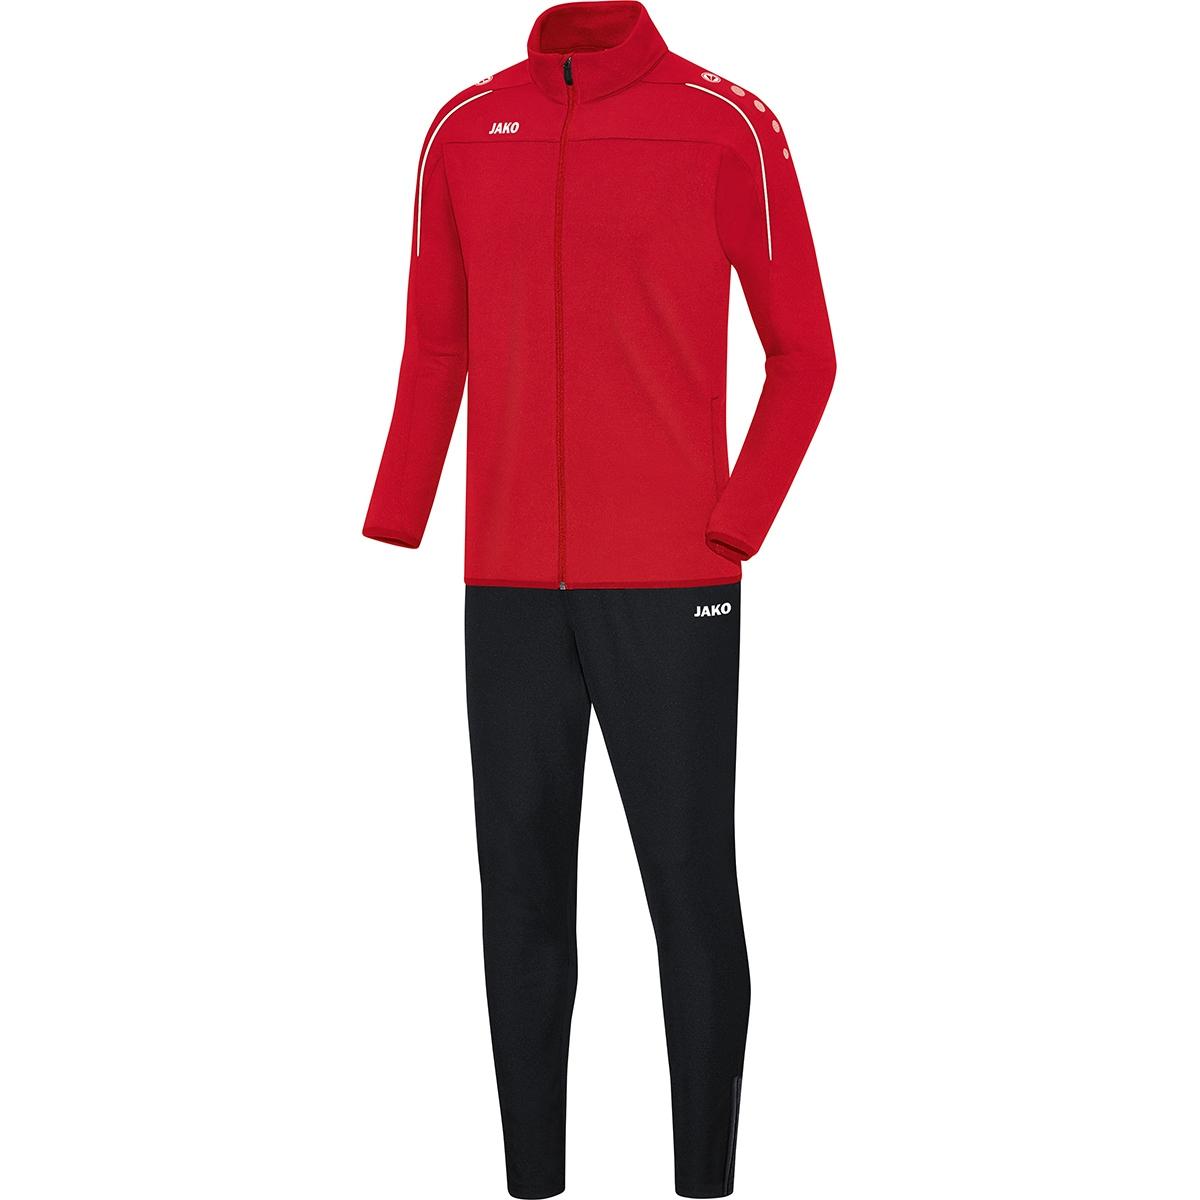 JAKO Bayer 04 Leverkusen Premium Basics Zip Hoody